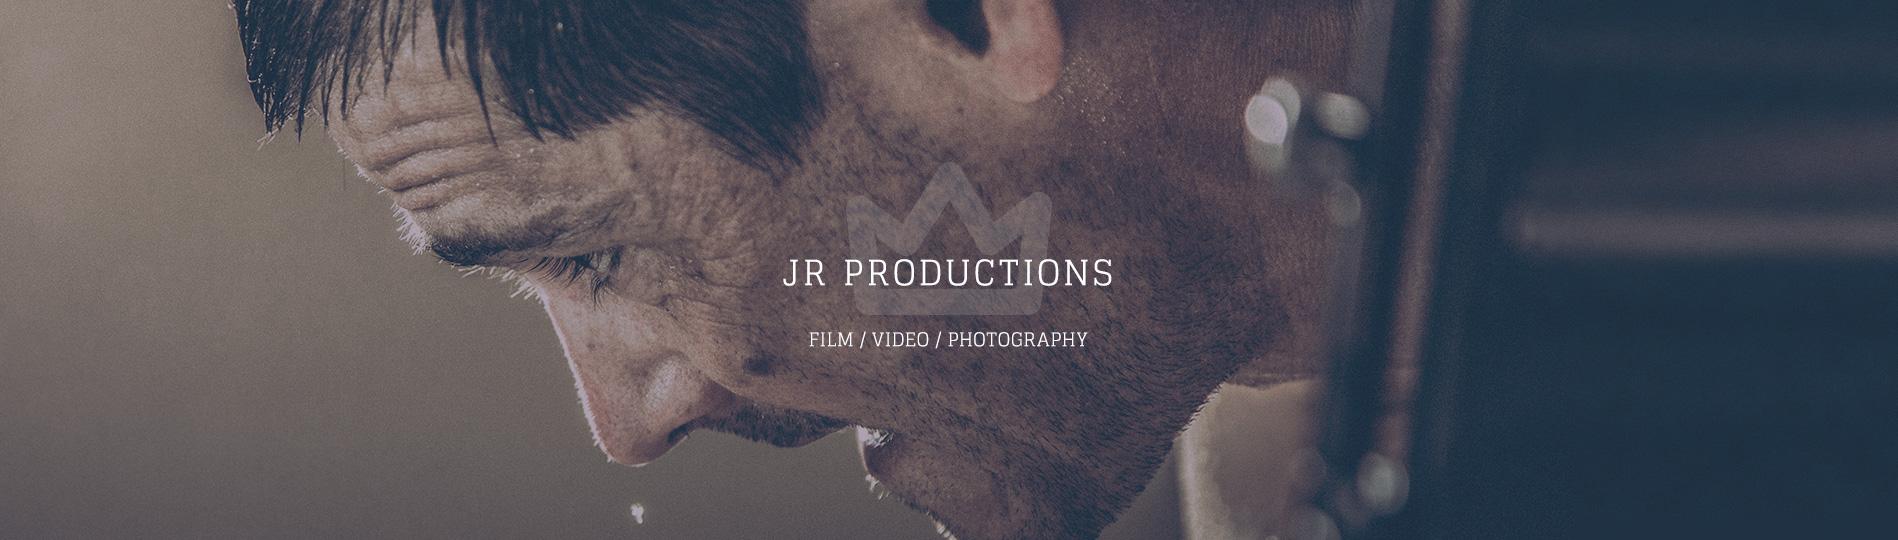 Capabilities_JR-Productions.jpg